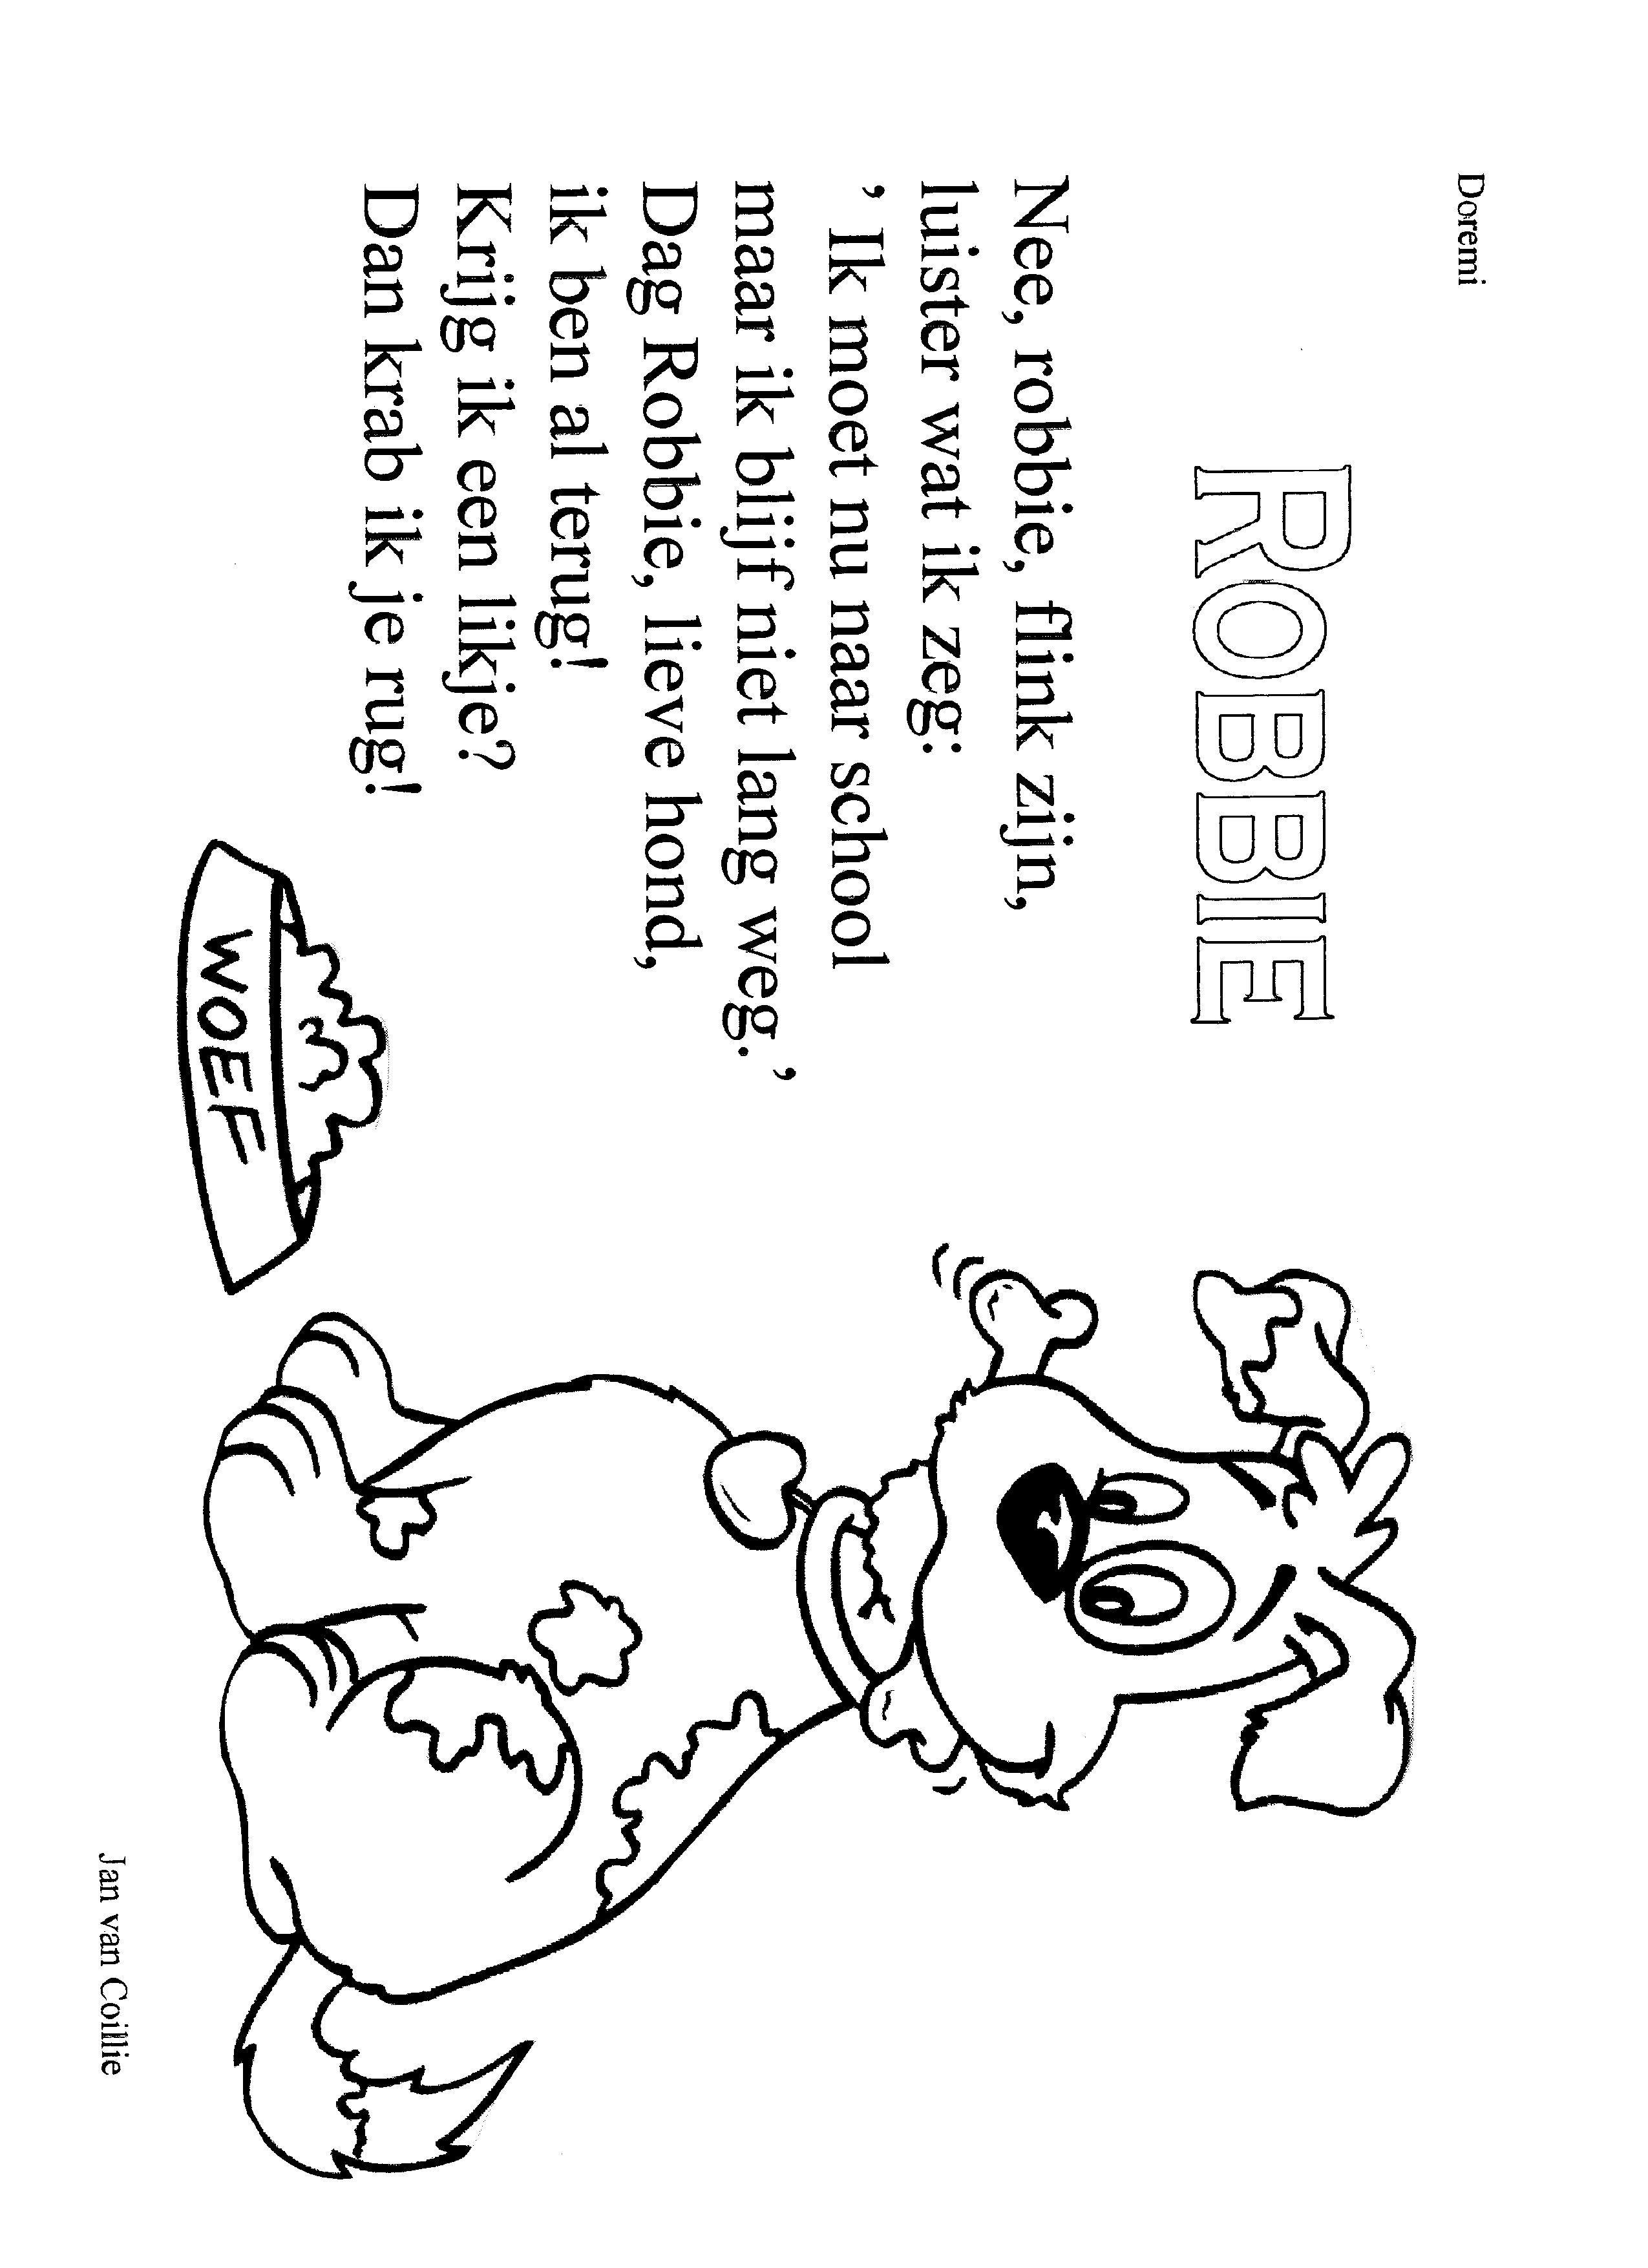 Versje Robbie De Hond Huisdier Honden Honden Huisdieren